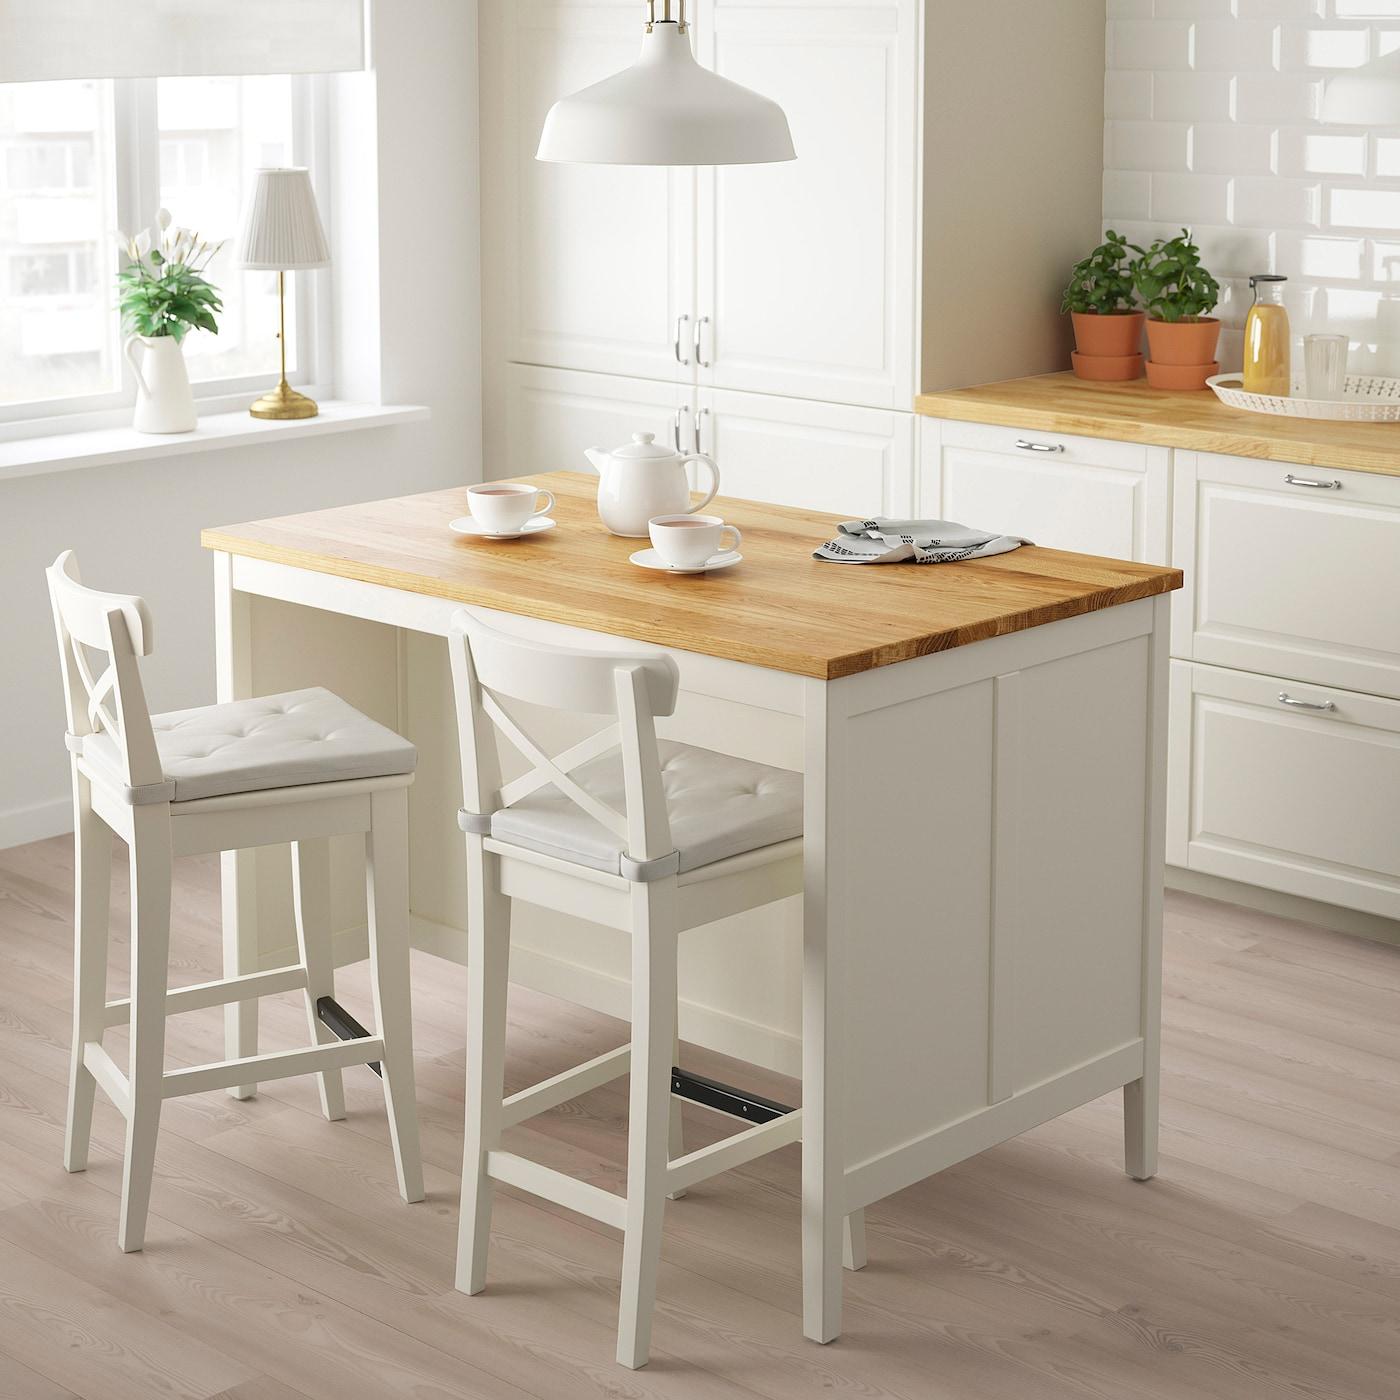 Meuble Pour Ilot Cuisine tornviken Îlot pour cuisine - blanc cassé, chêne 126x77 cm